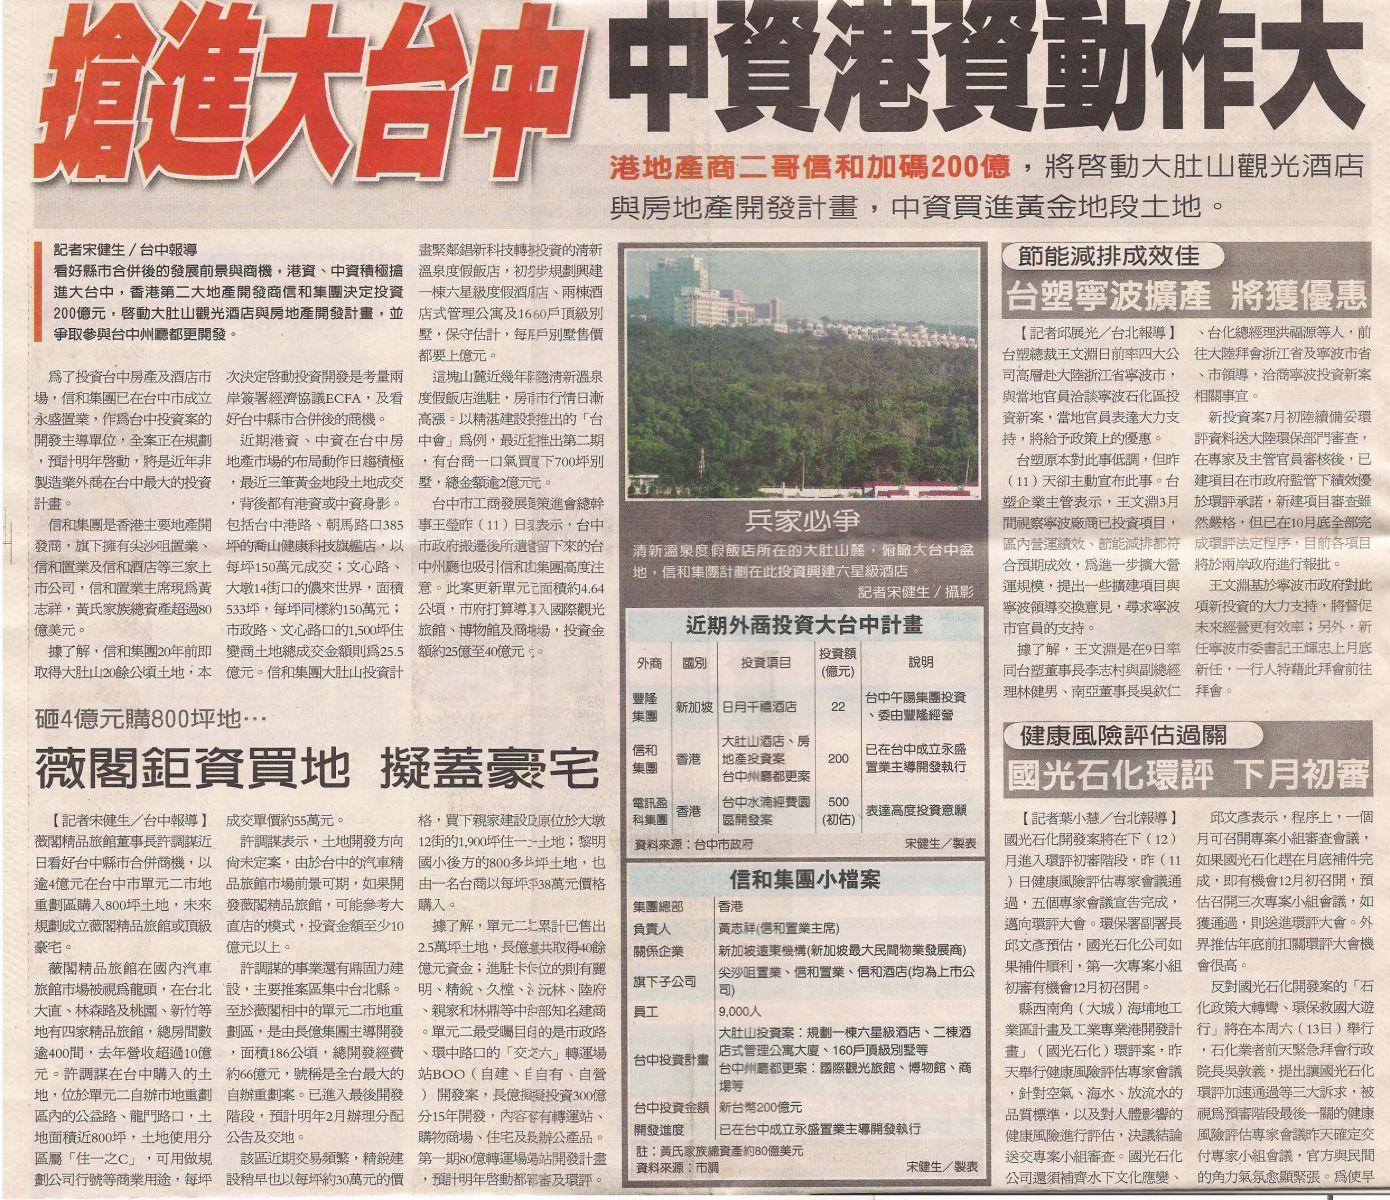 20101112經濟日報_搶進大台中 中資港資動作大